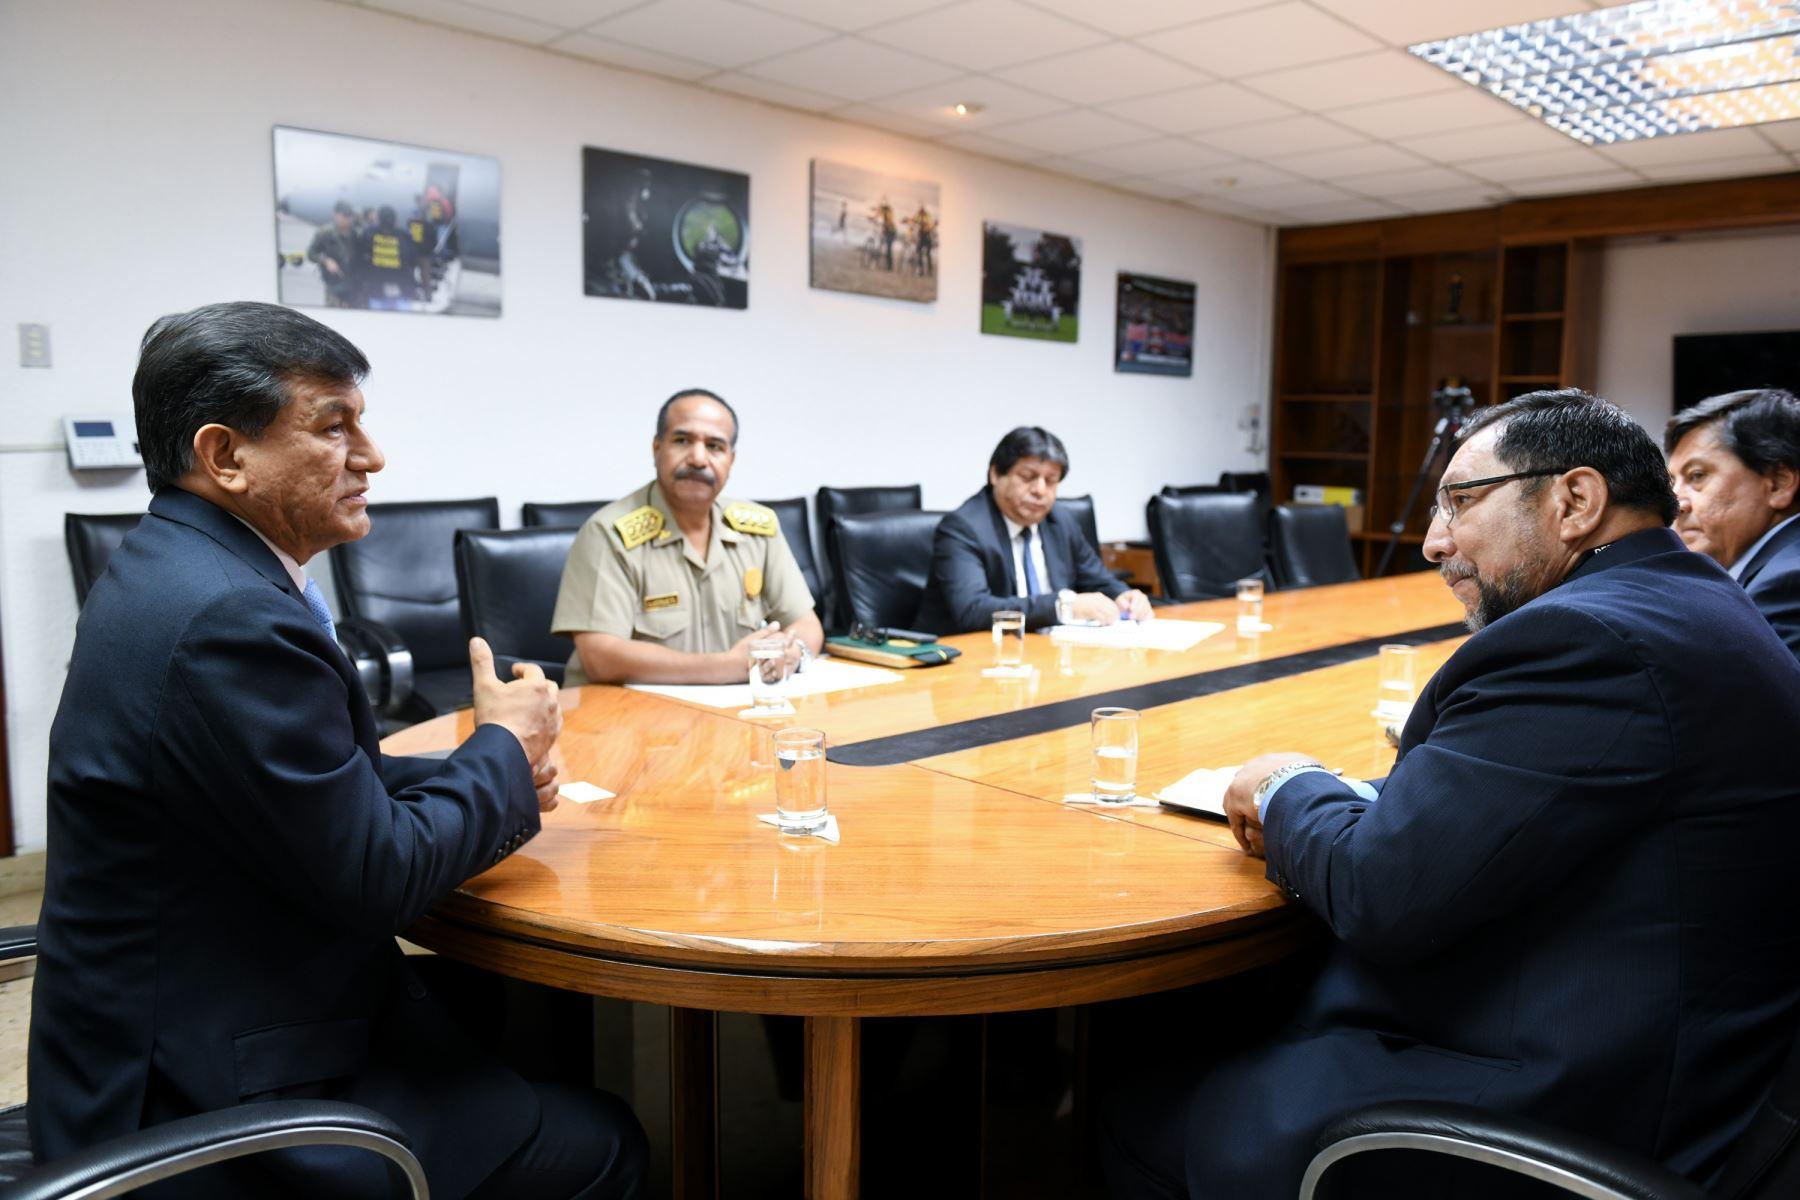 El ministro del Interior, Carlos Morán,se reunió con el gobernador de Apurímac, Baltazar Lantarón, a quien le informó que el personal policial de la comisaría de Andahuaylas será removido.